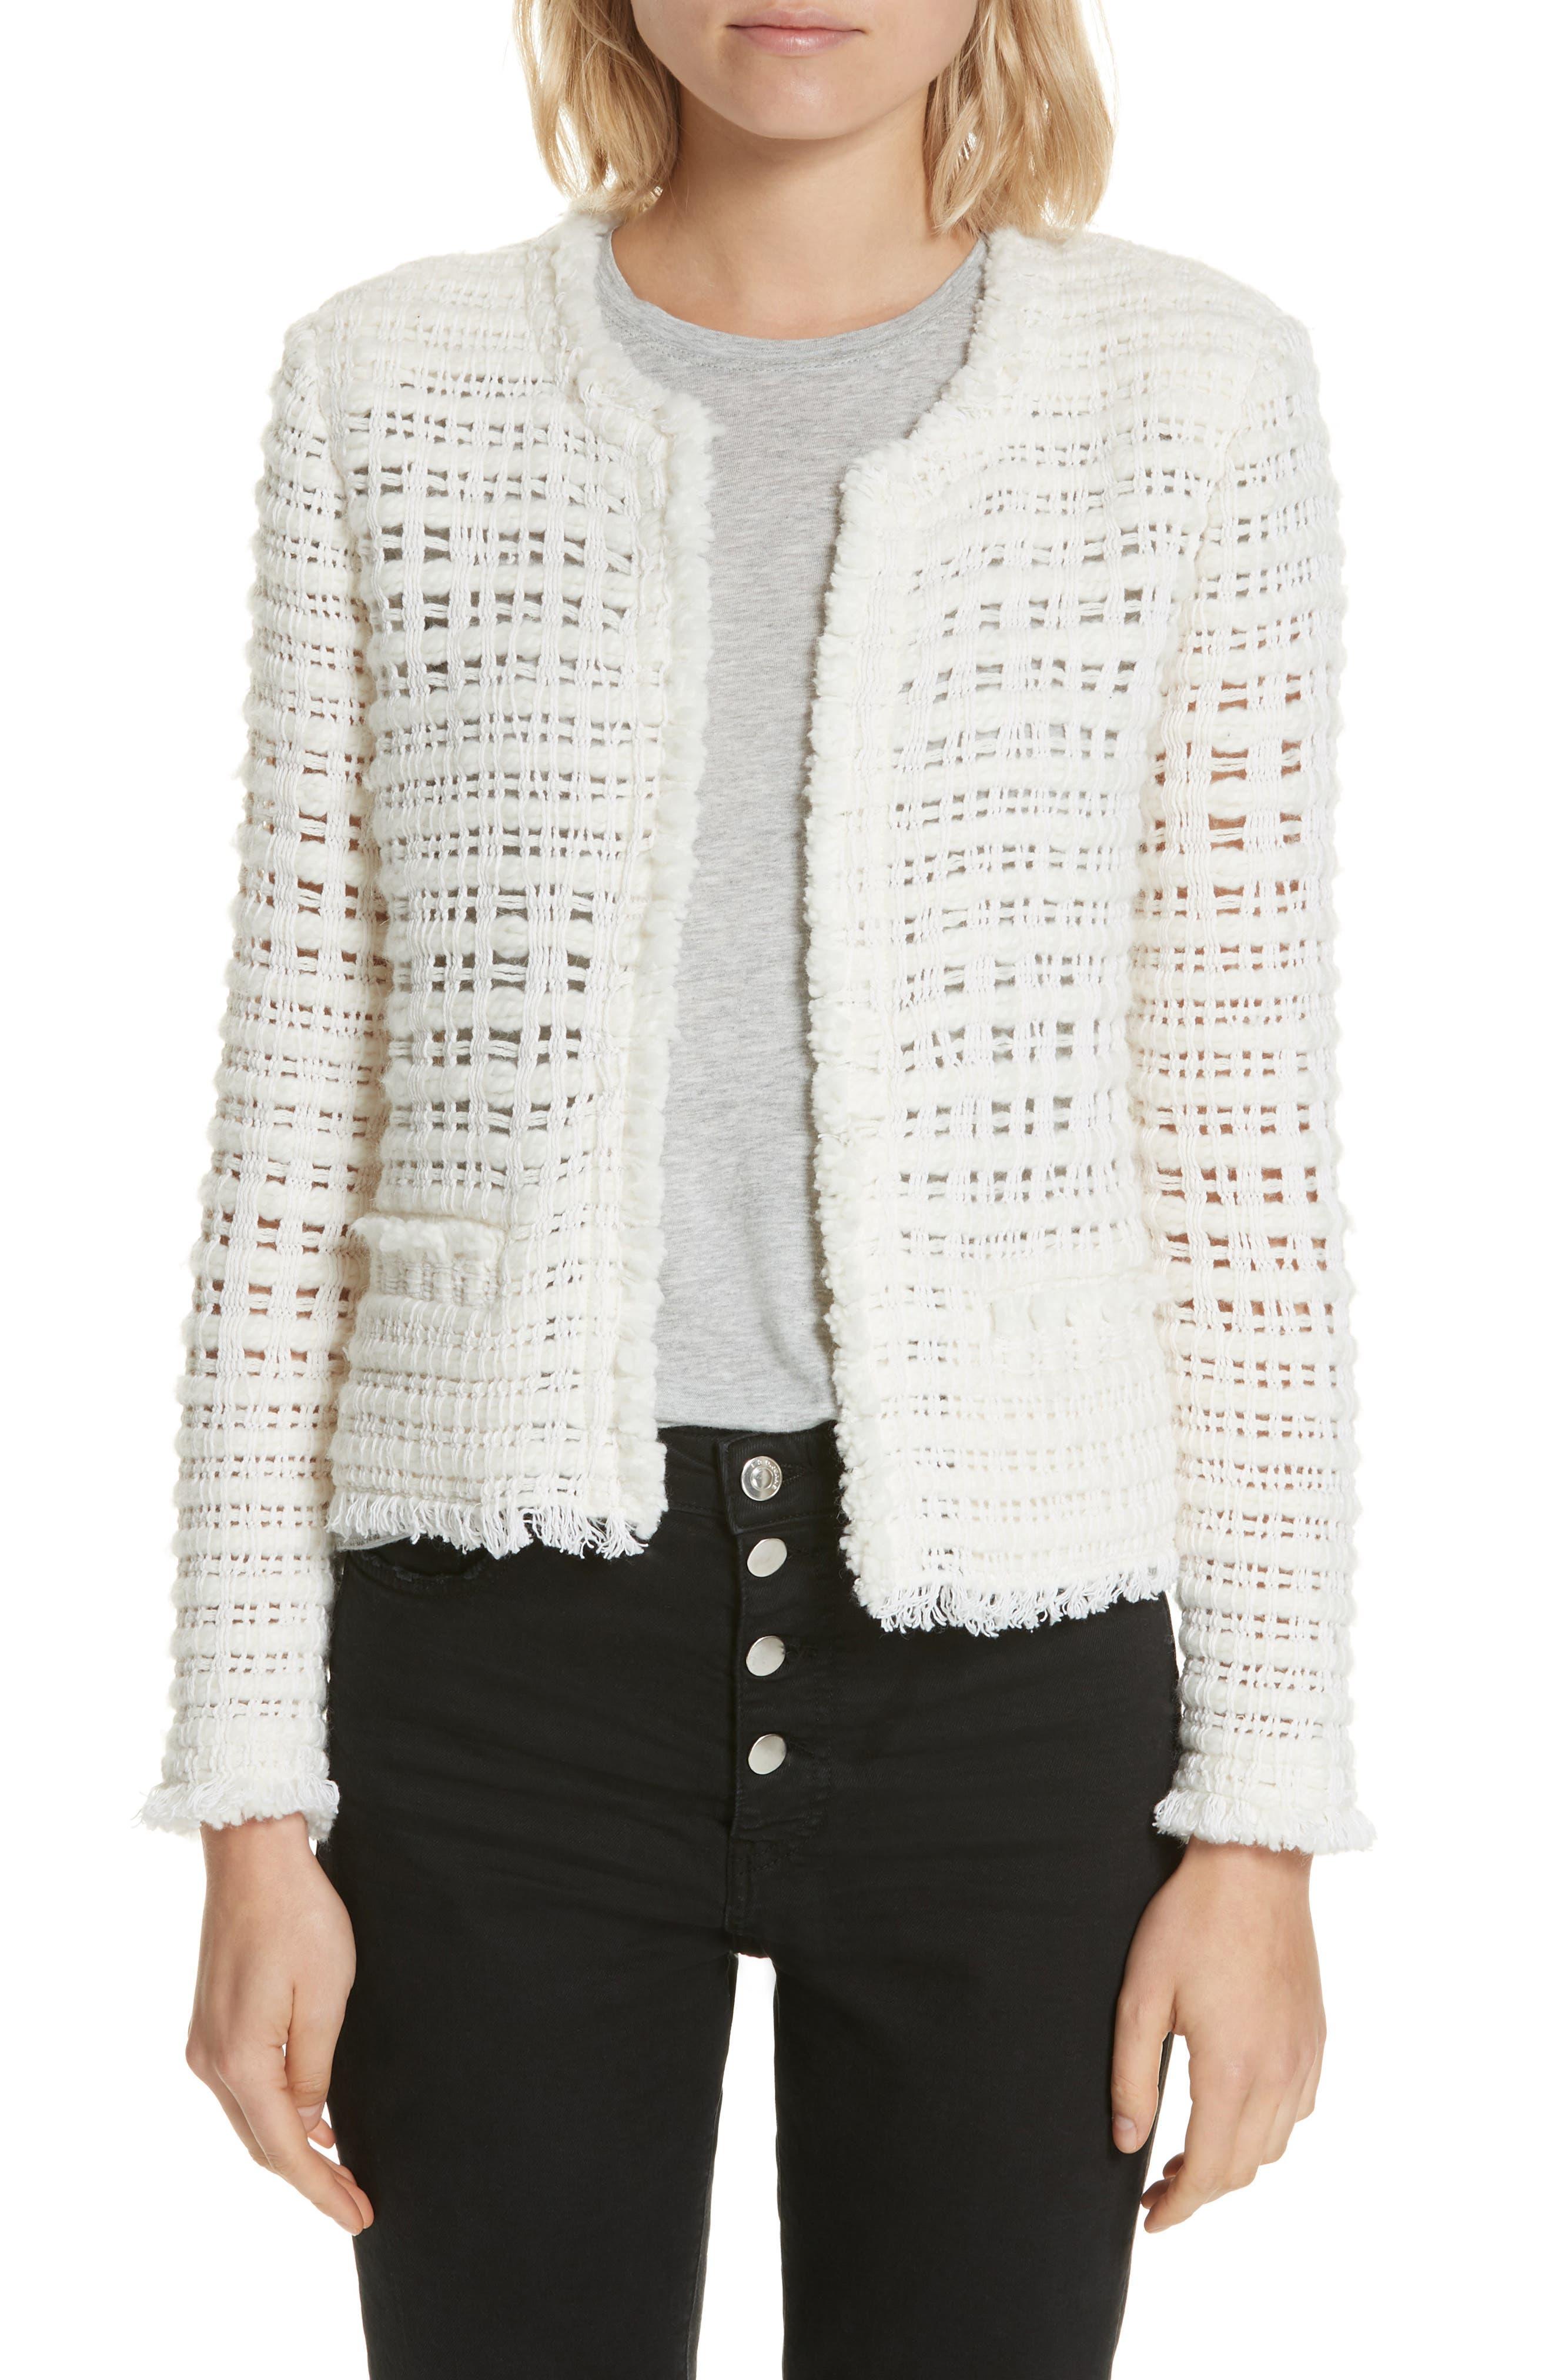 IRO Startle Open-Front Long-Sleeve Open-Knit Jacket in Ecru